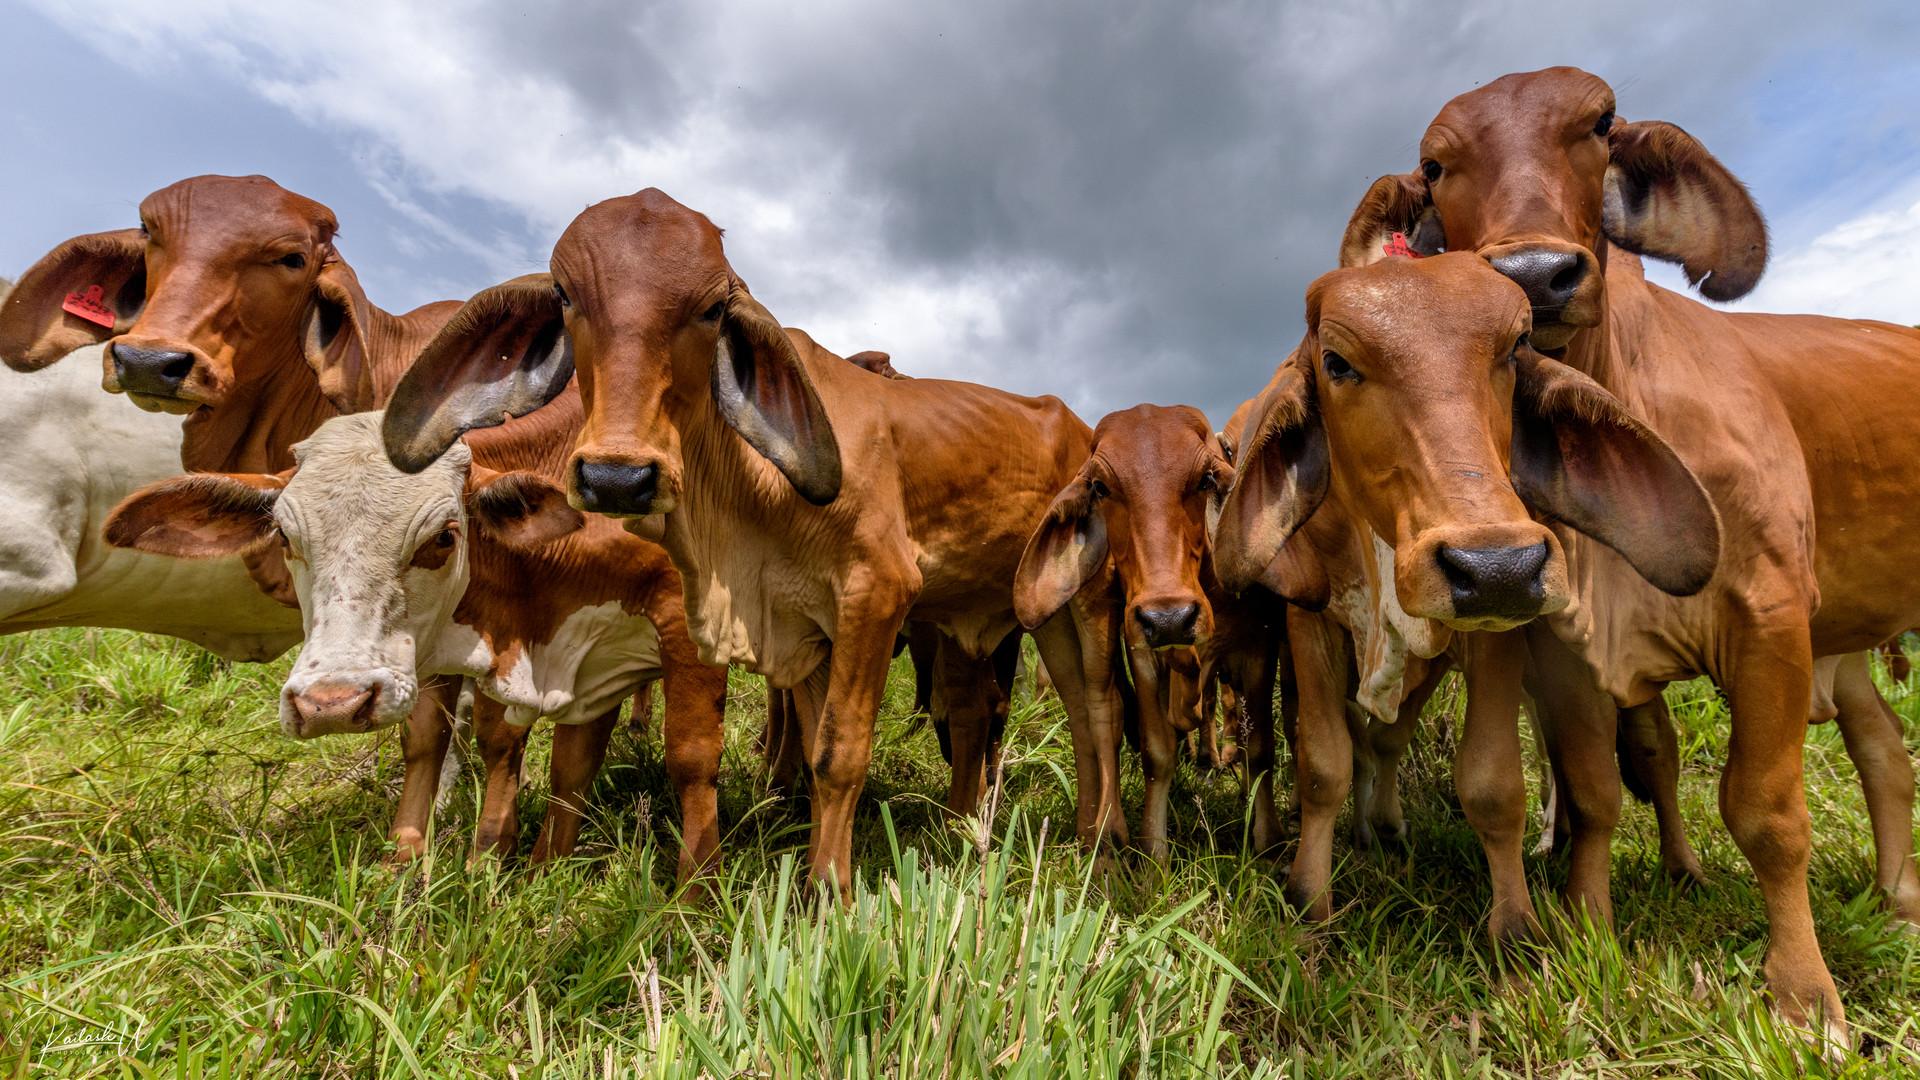 The Herd, Costa Rica